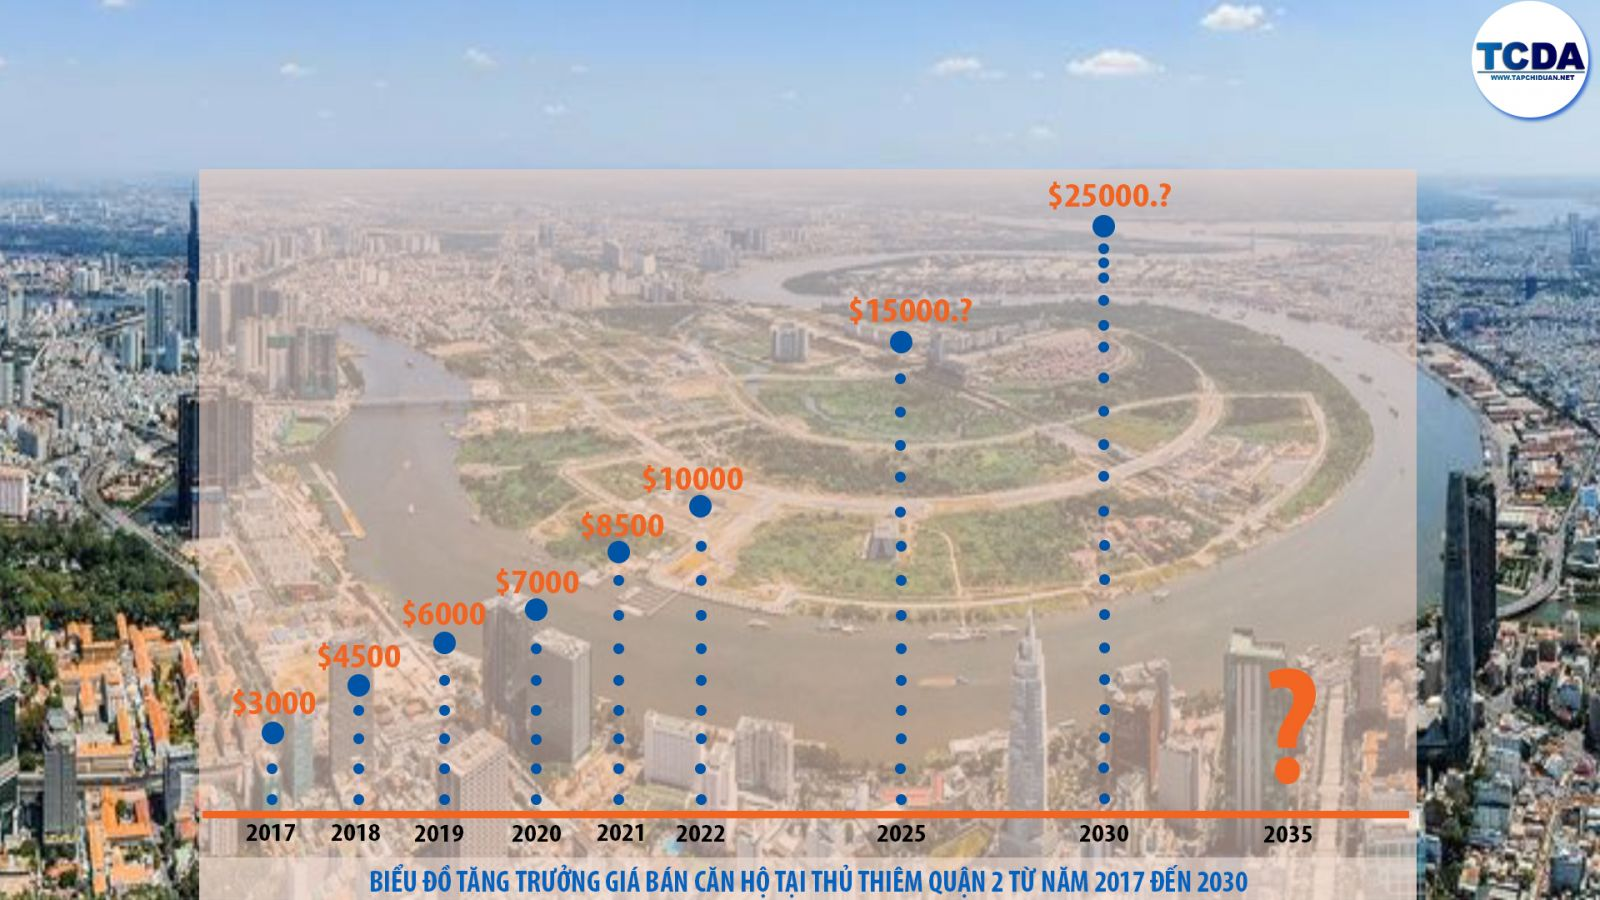 giá bán căn hộ Quận 2 và dự án the river thu thiem